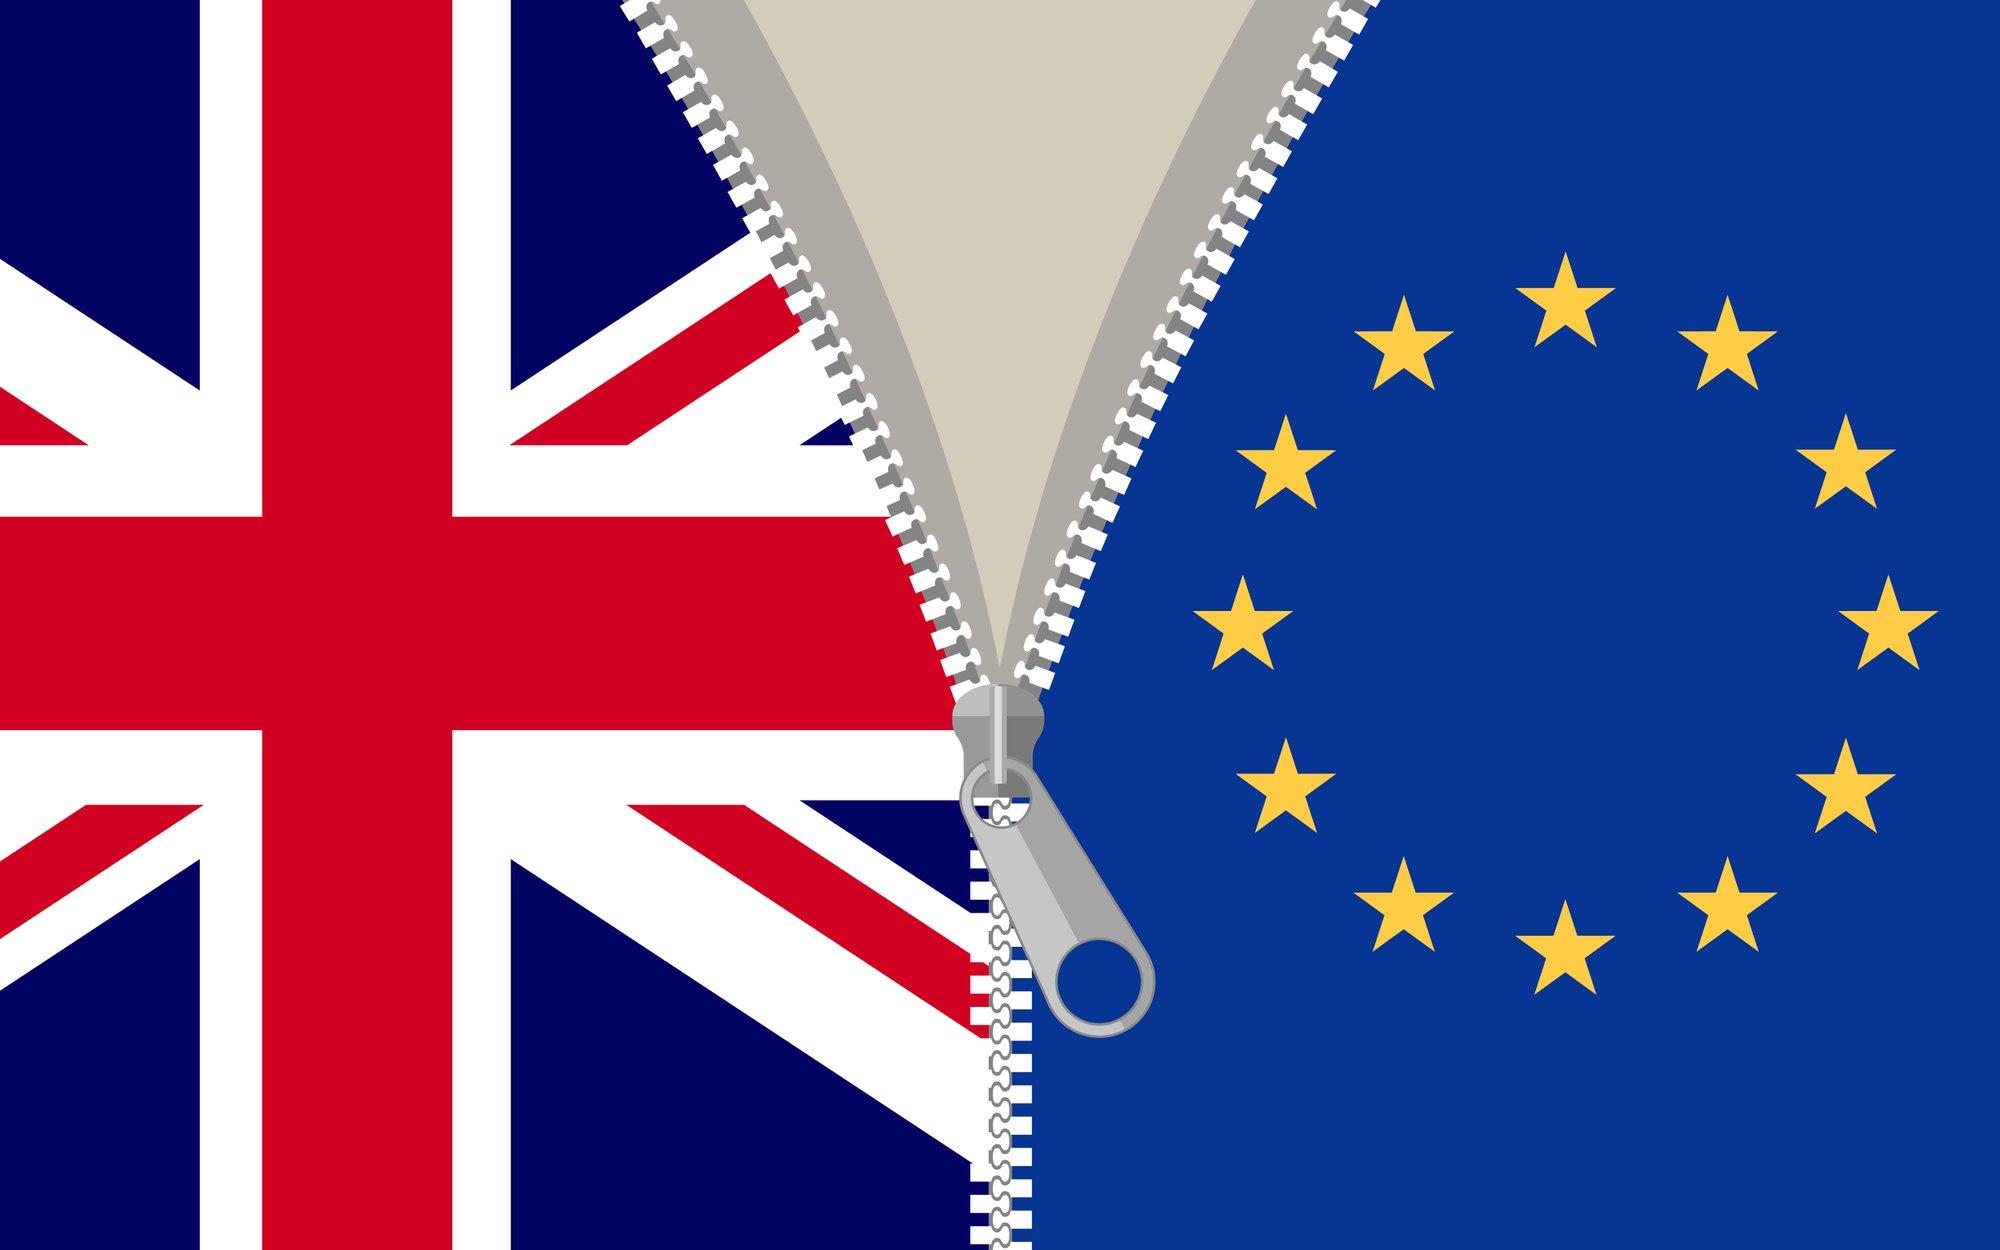 Prêts pour le Brexit grâce à la Douane